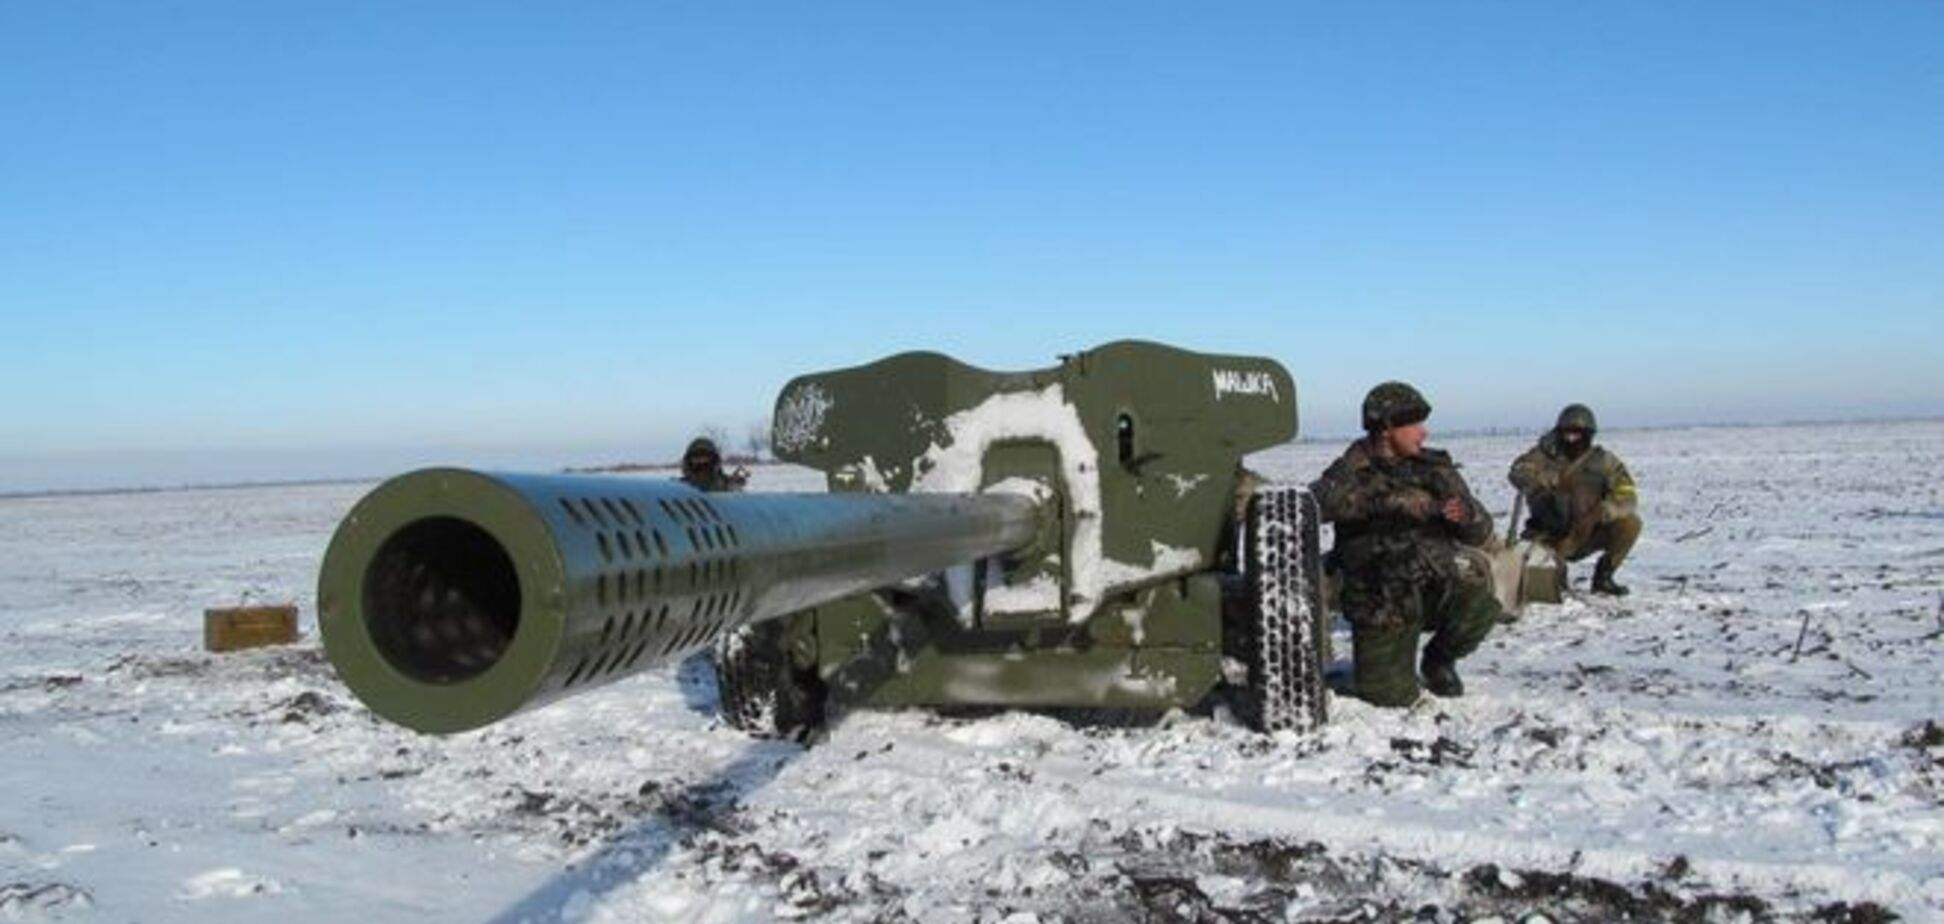 ВСУ продолжают отвод тяжелого вооружения: на рубежах остается достаточно сил для обороны